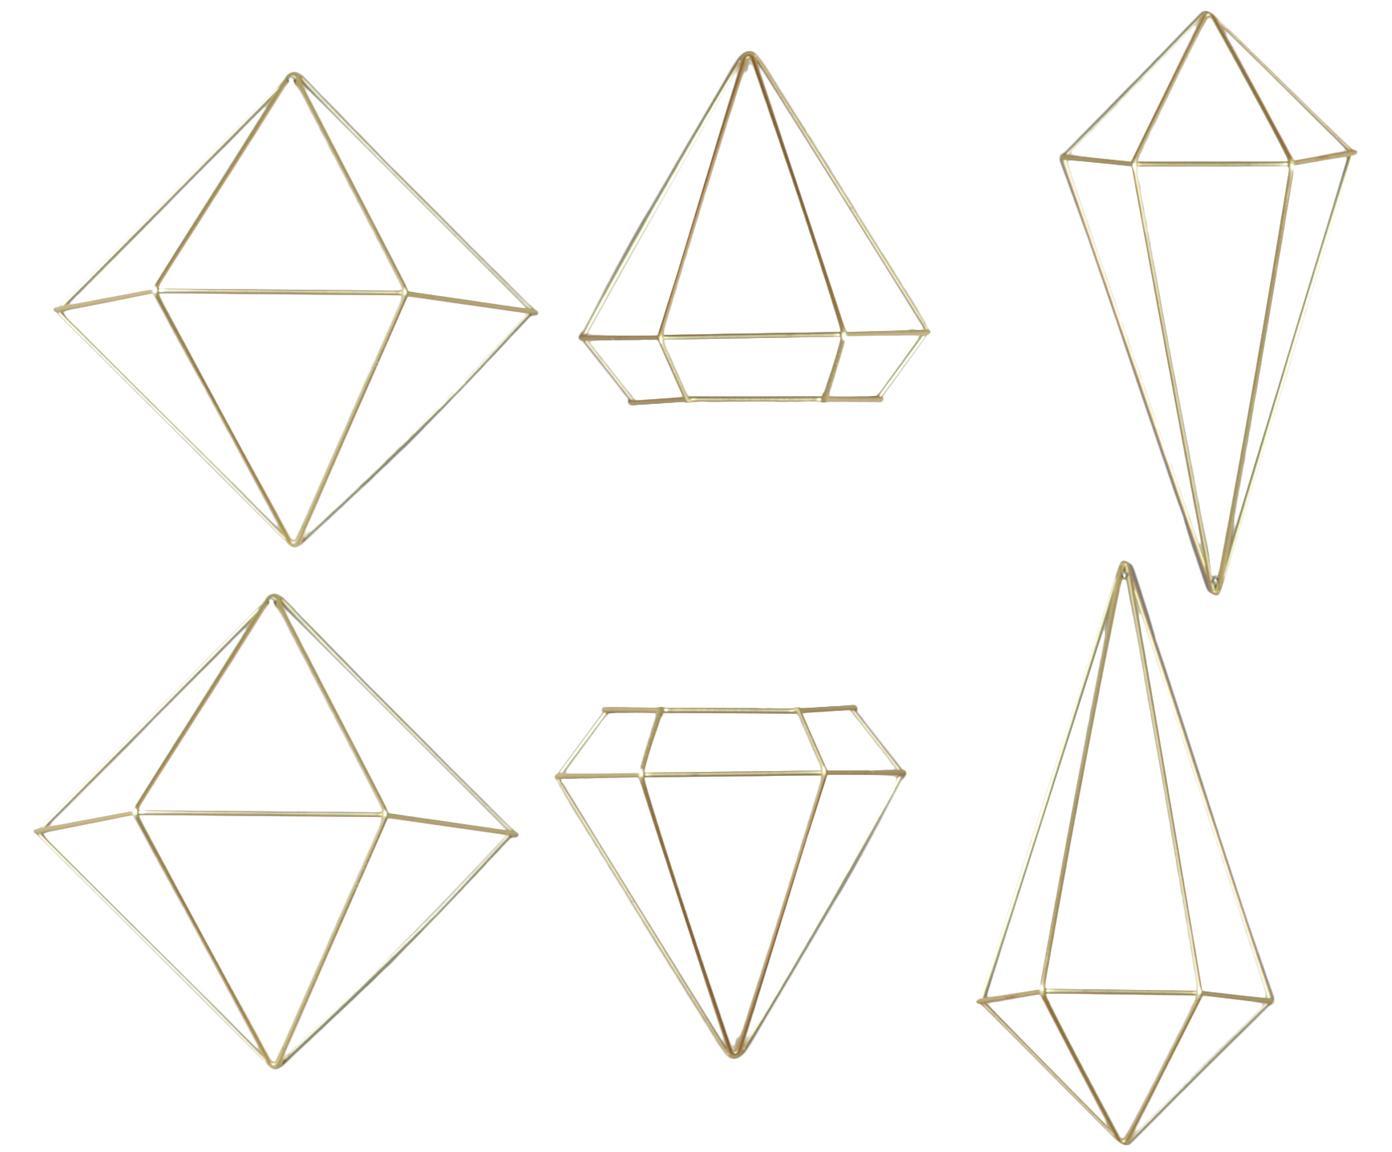 Komplet dekoracji ściennych z metalu lakierowanego Prisma, 6 elem., Metal lakierowany, Odcienie mosiądzu, Różne rozmiary